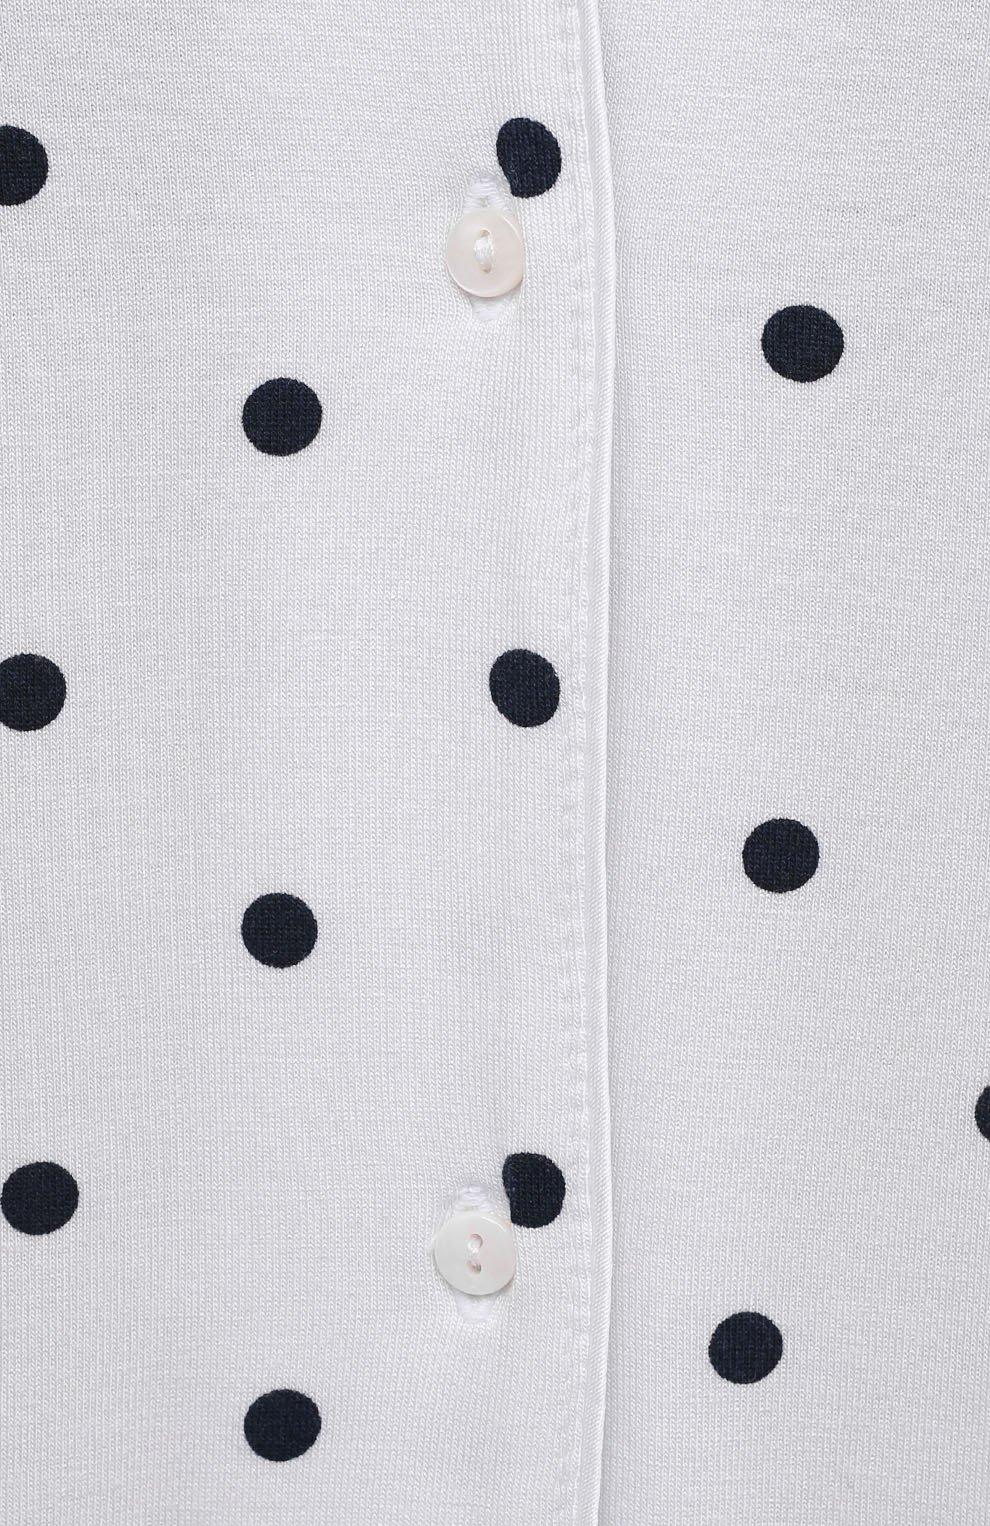 Женская пижама из вискозы LE CHAT белого цвета, арт. BELLAGIO106 | Фото 6 (Длина Ж (юбки, платья, шорты): Мини; Длина (брюки, джинсы): Стандартные; Длина (для топов): Стандартные; Материал внешний: Вискоза; Рукава: 3/4)